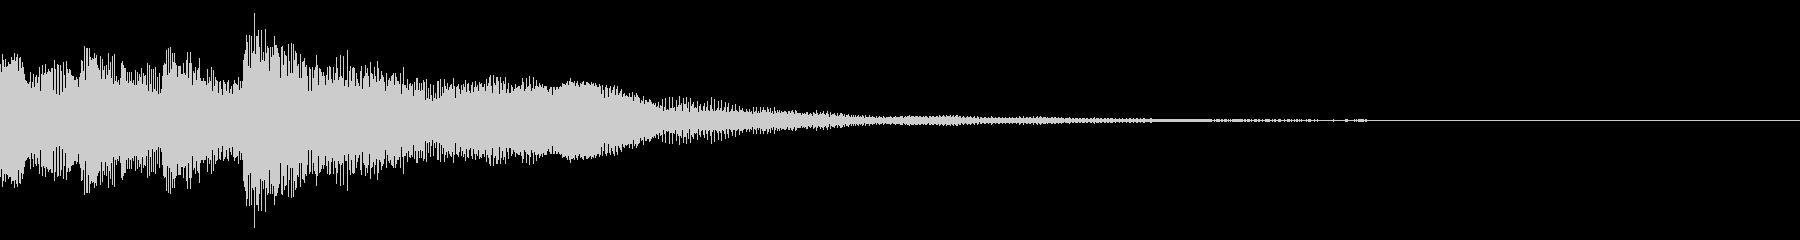 ニュースのテロップをイメージした音03の未再生の波形